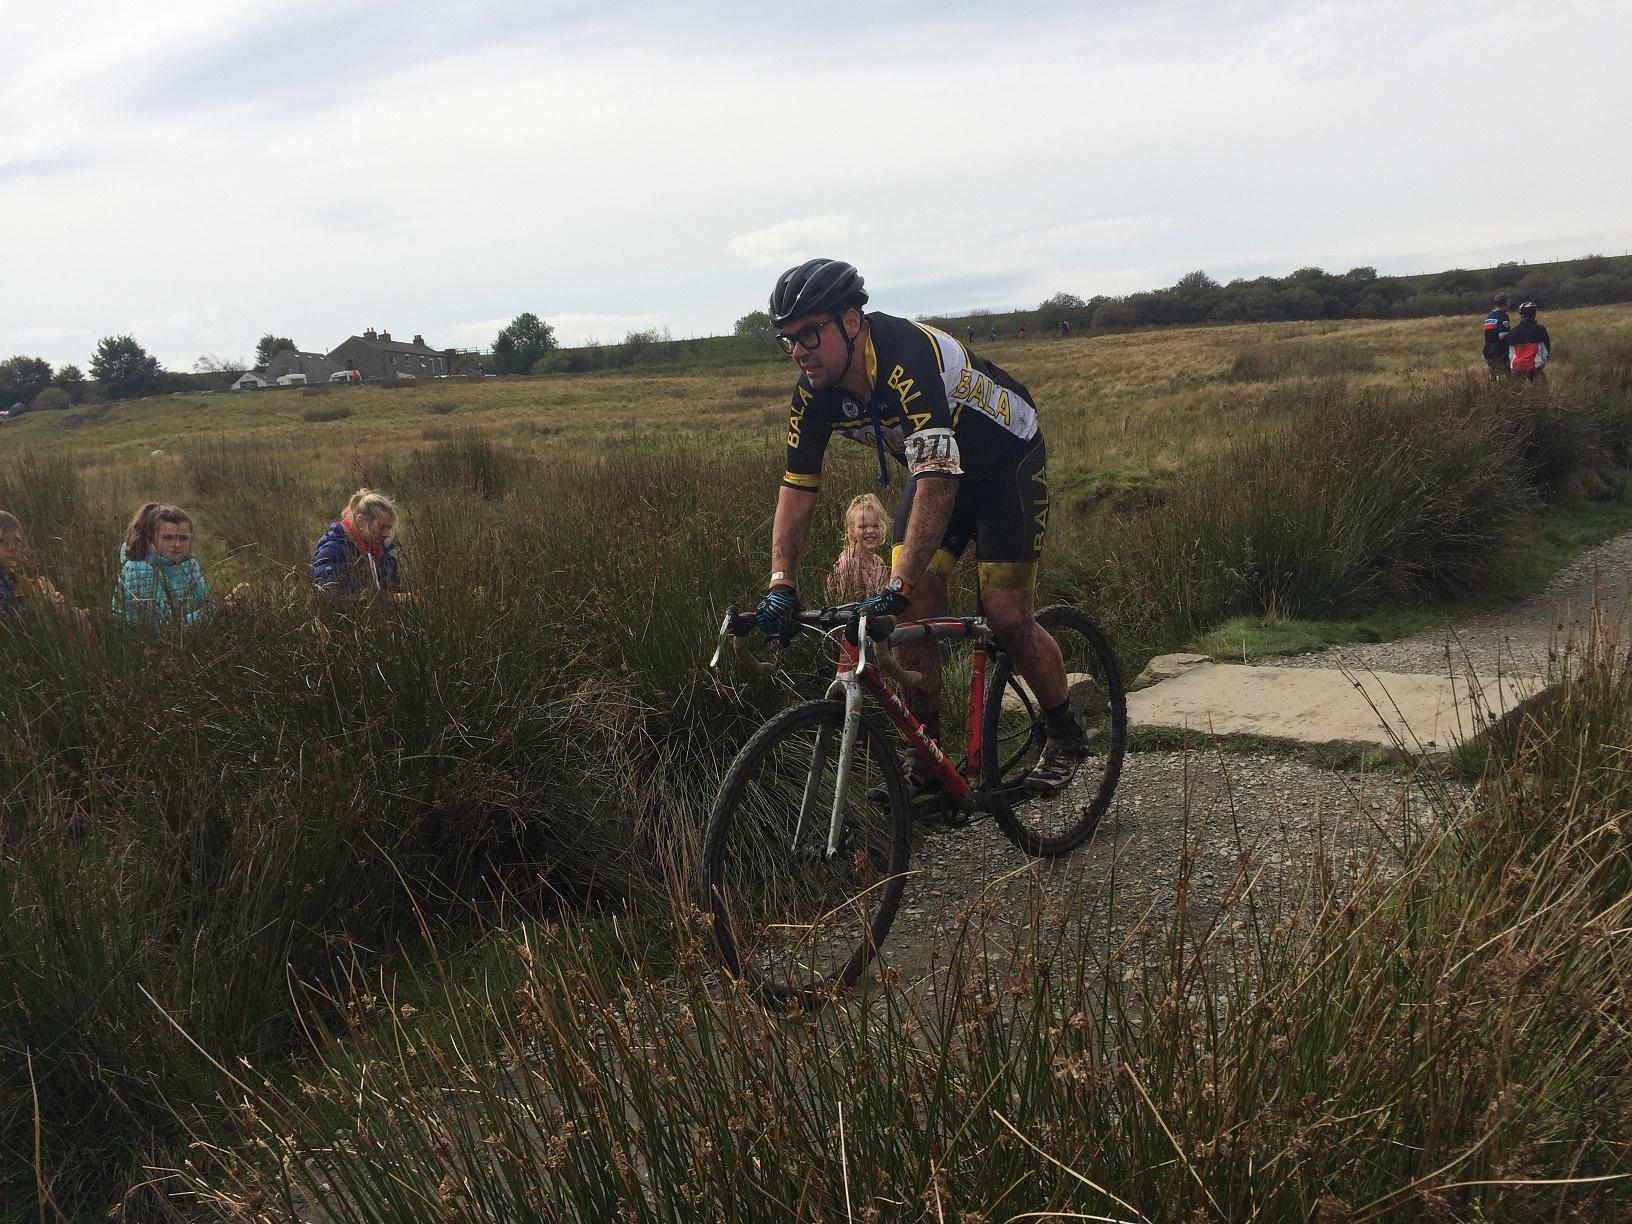 3 peaks cyclocross 2017